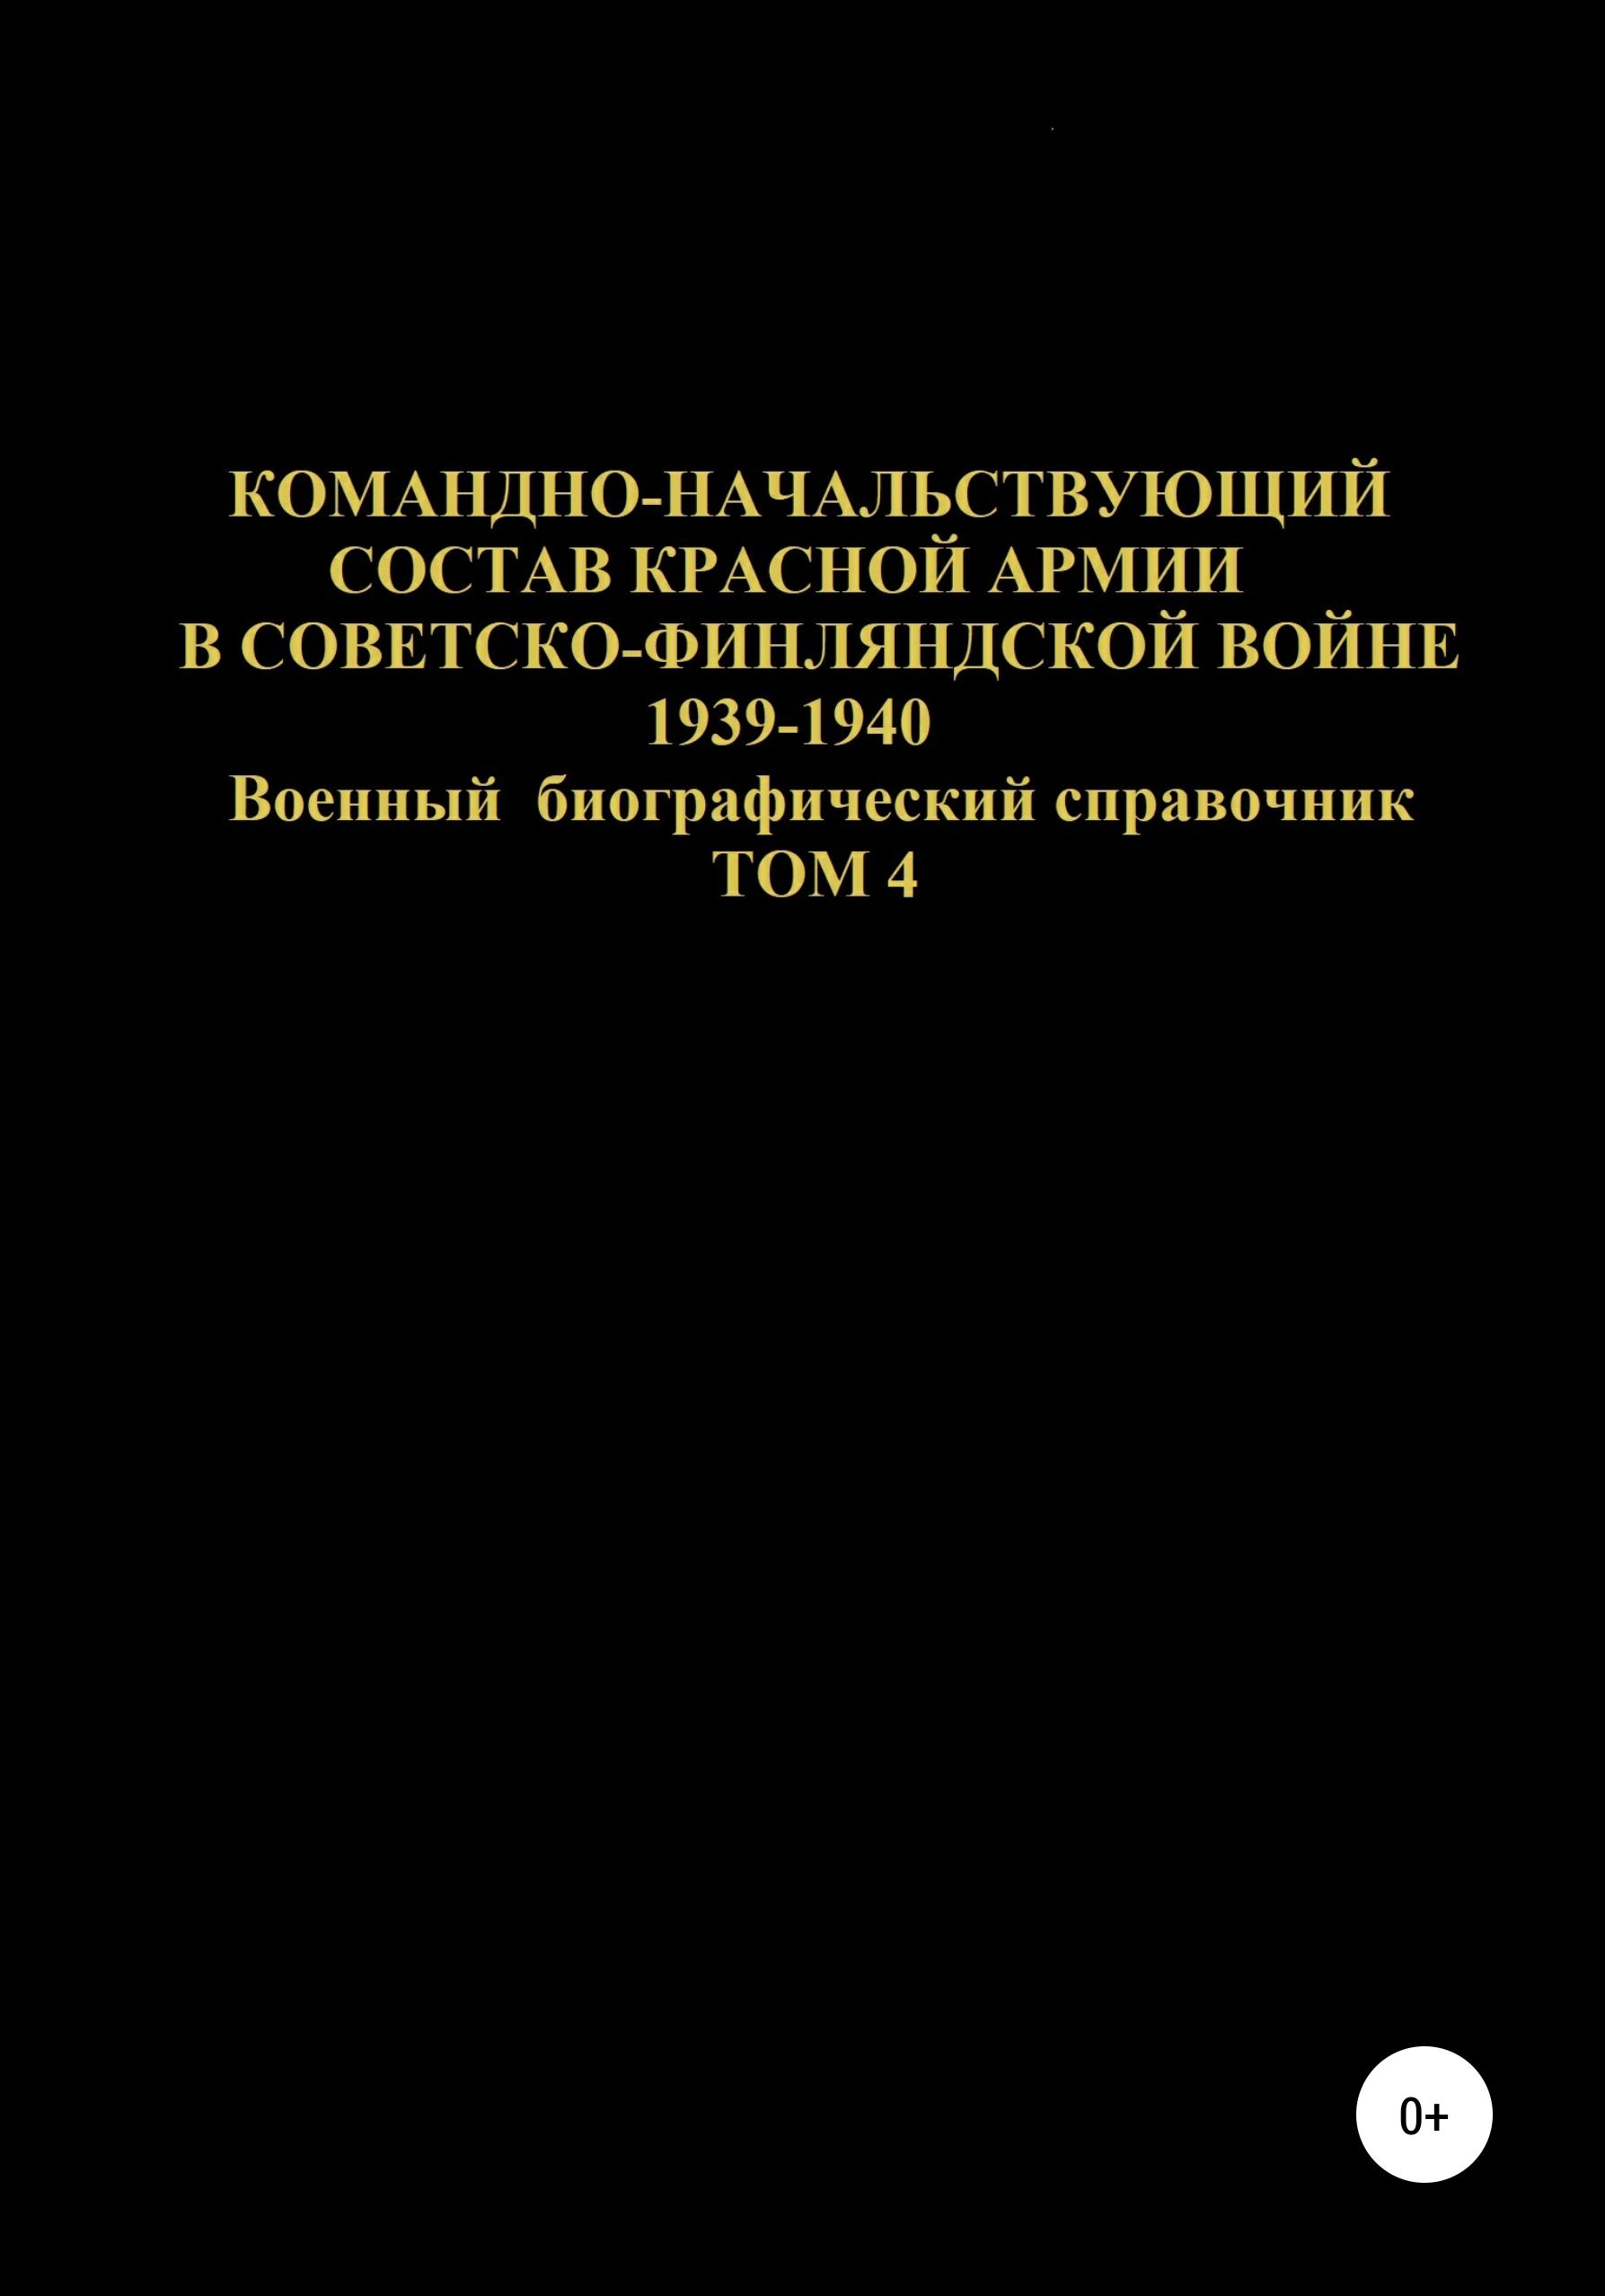 Командно-начальствующий состав Красной Армии в Советско-Финляндской войне 1939-1940 гг. Том 4